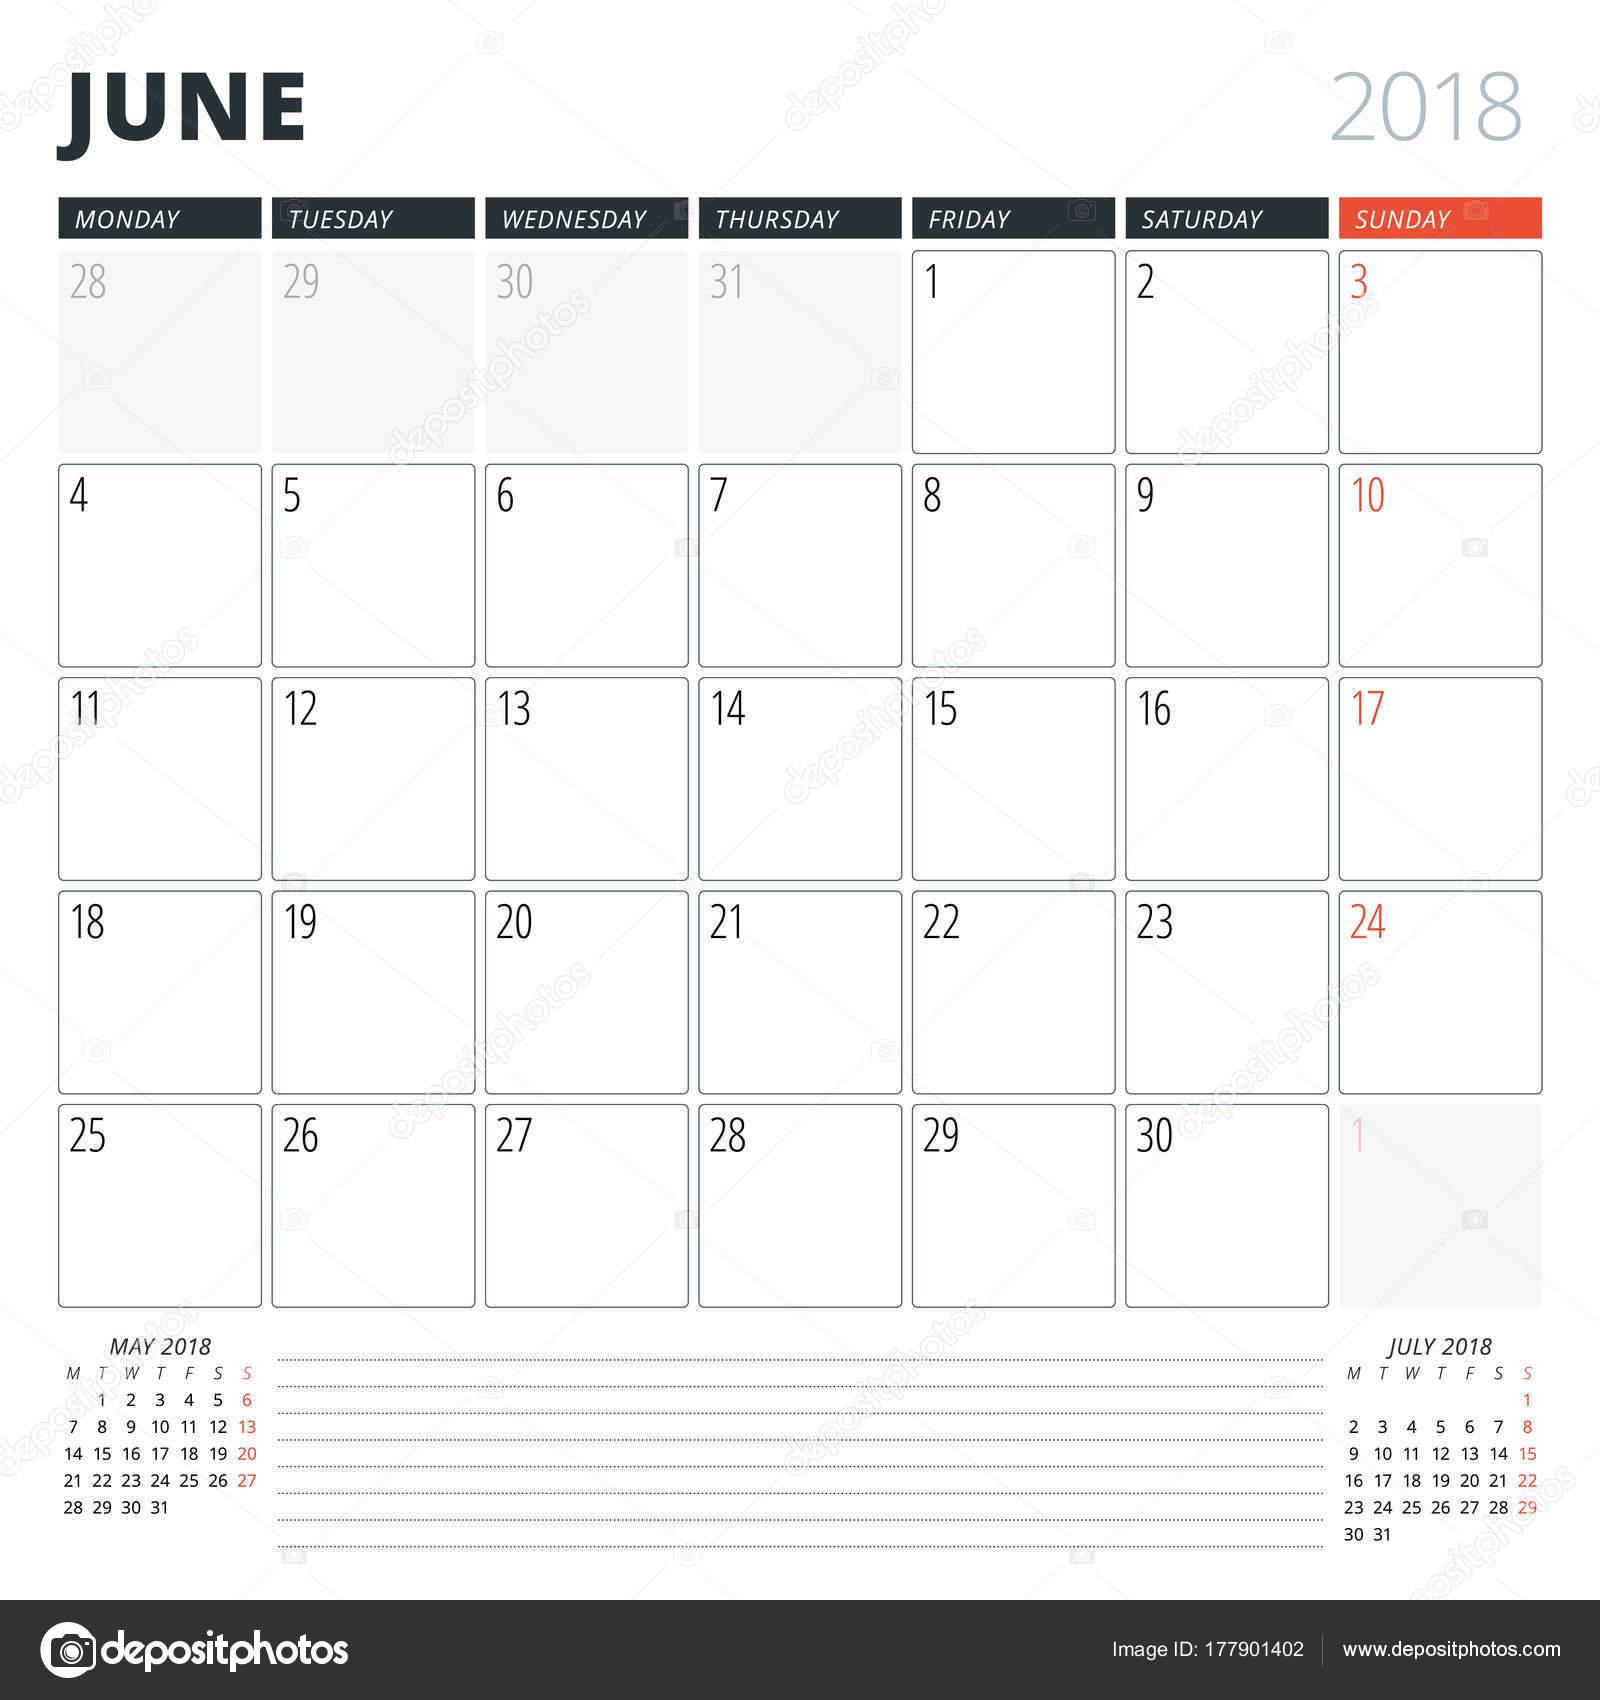 2009 június naptár Naptár tervező 2018 június. Tervezősablon. A héten kezdődik hétfőn  2009 június naptár